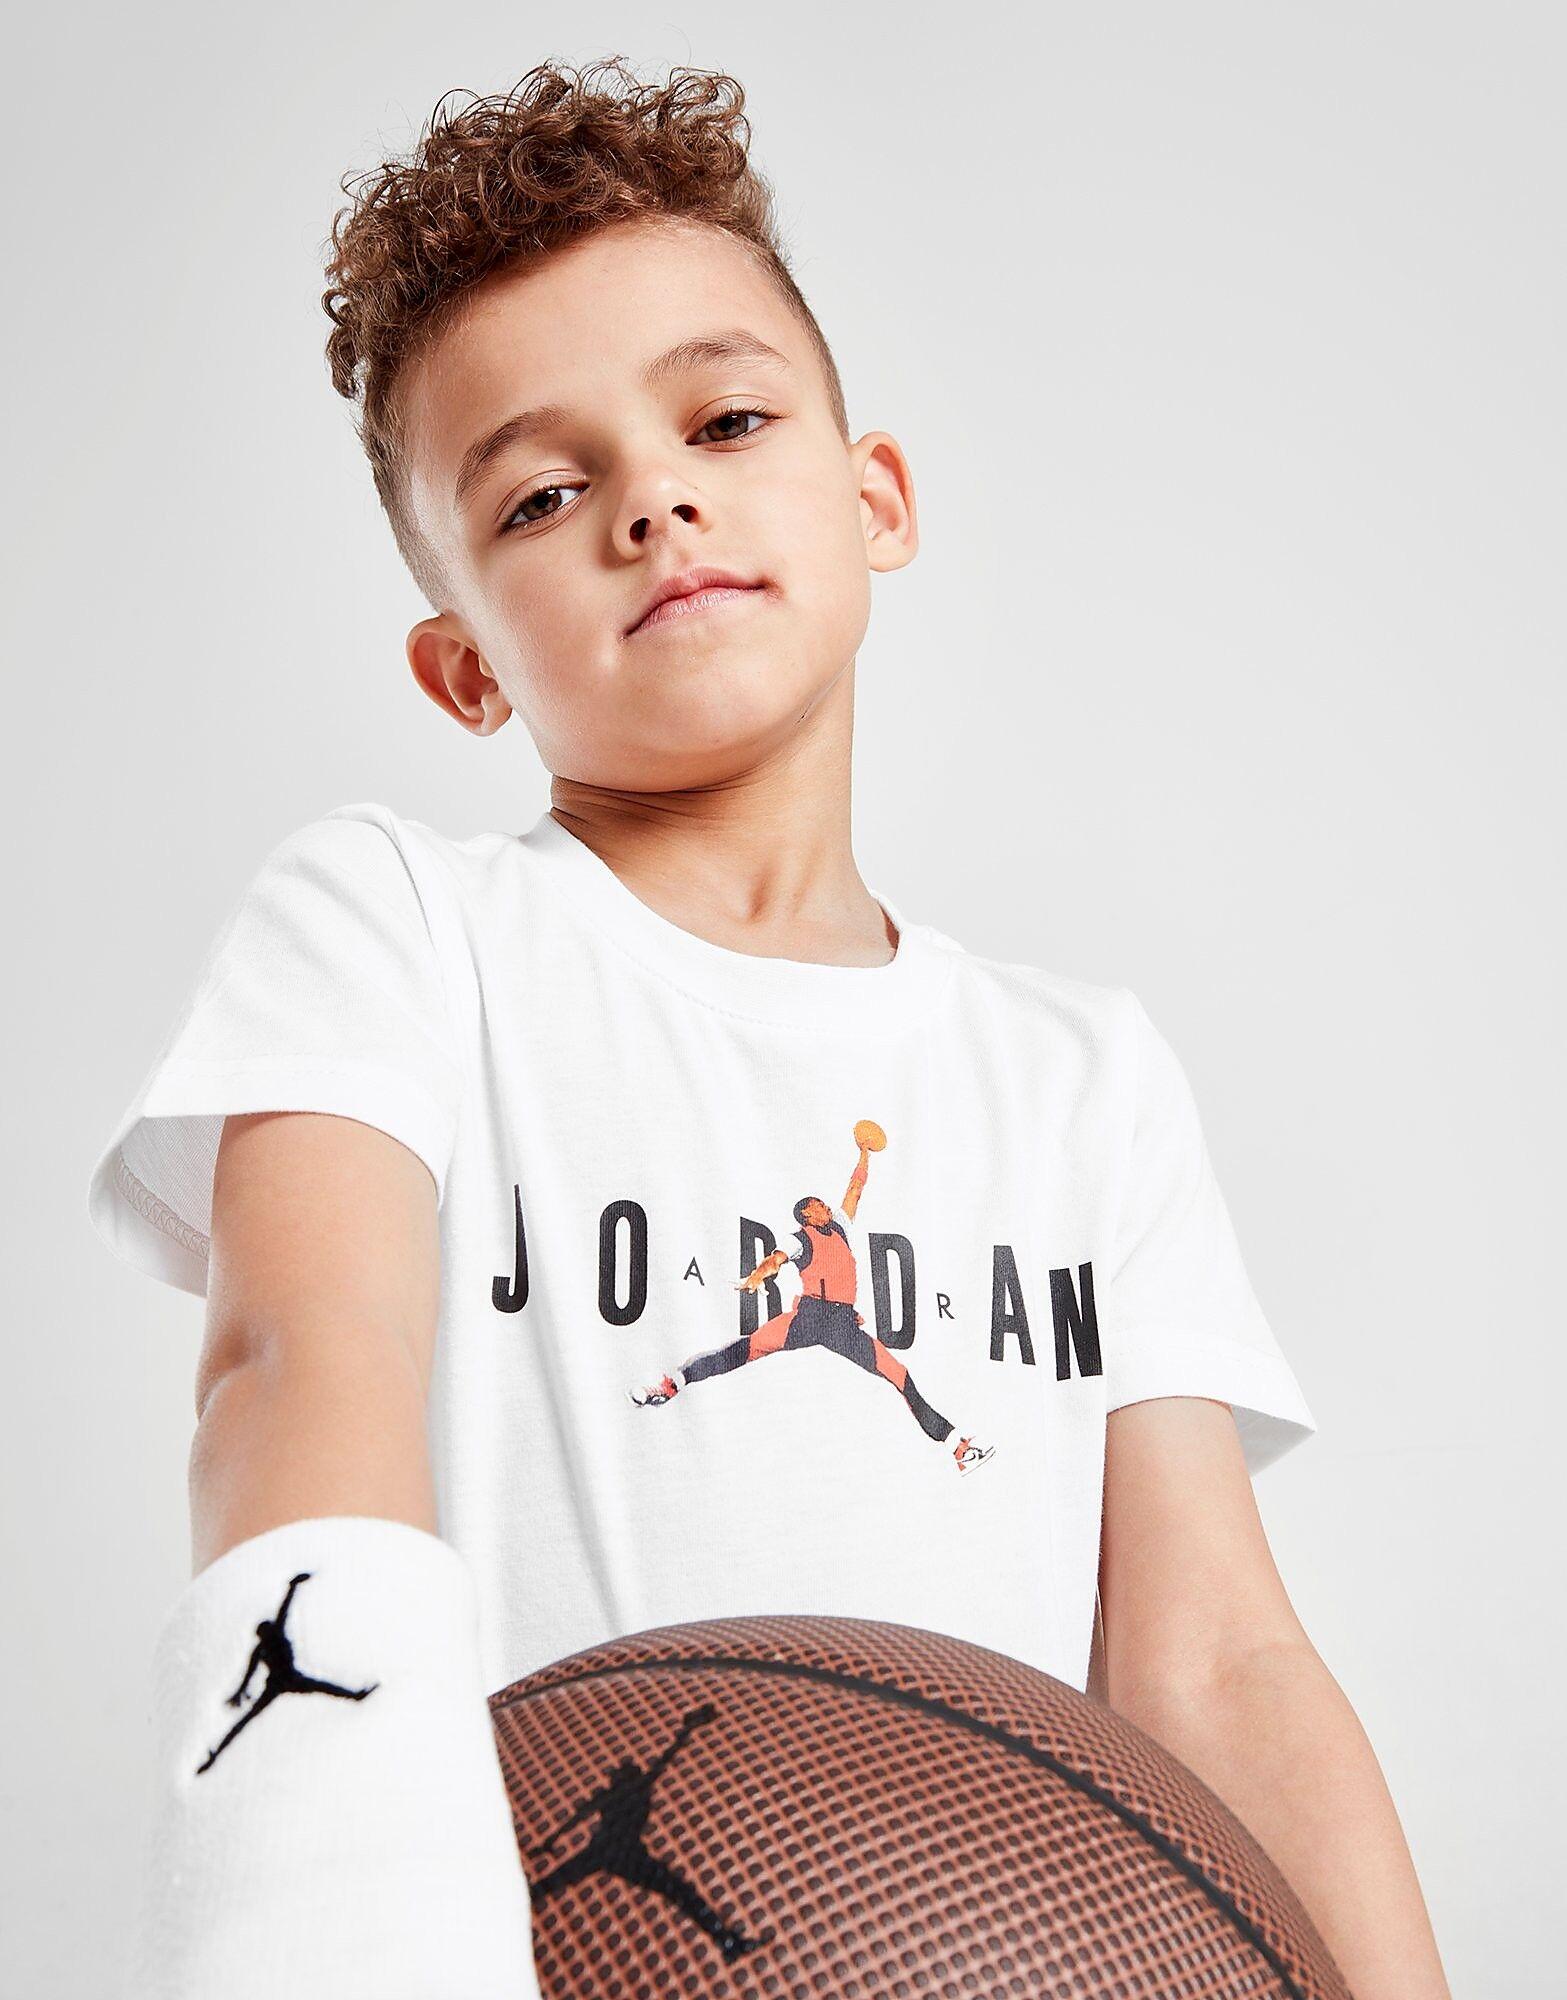 Jordan Brand Three T-paita Lapset - Kids, Valkoinen